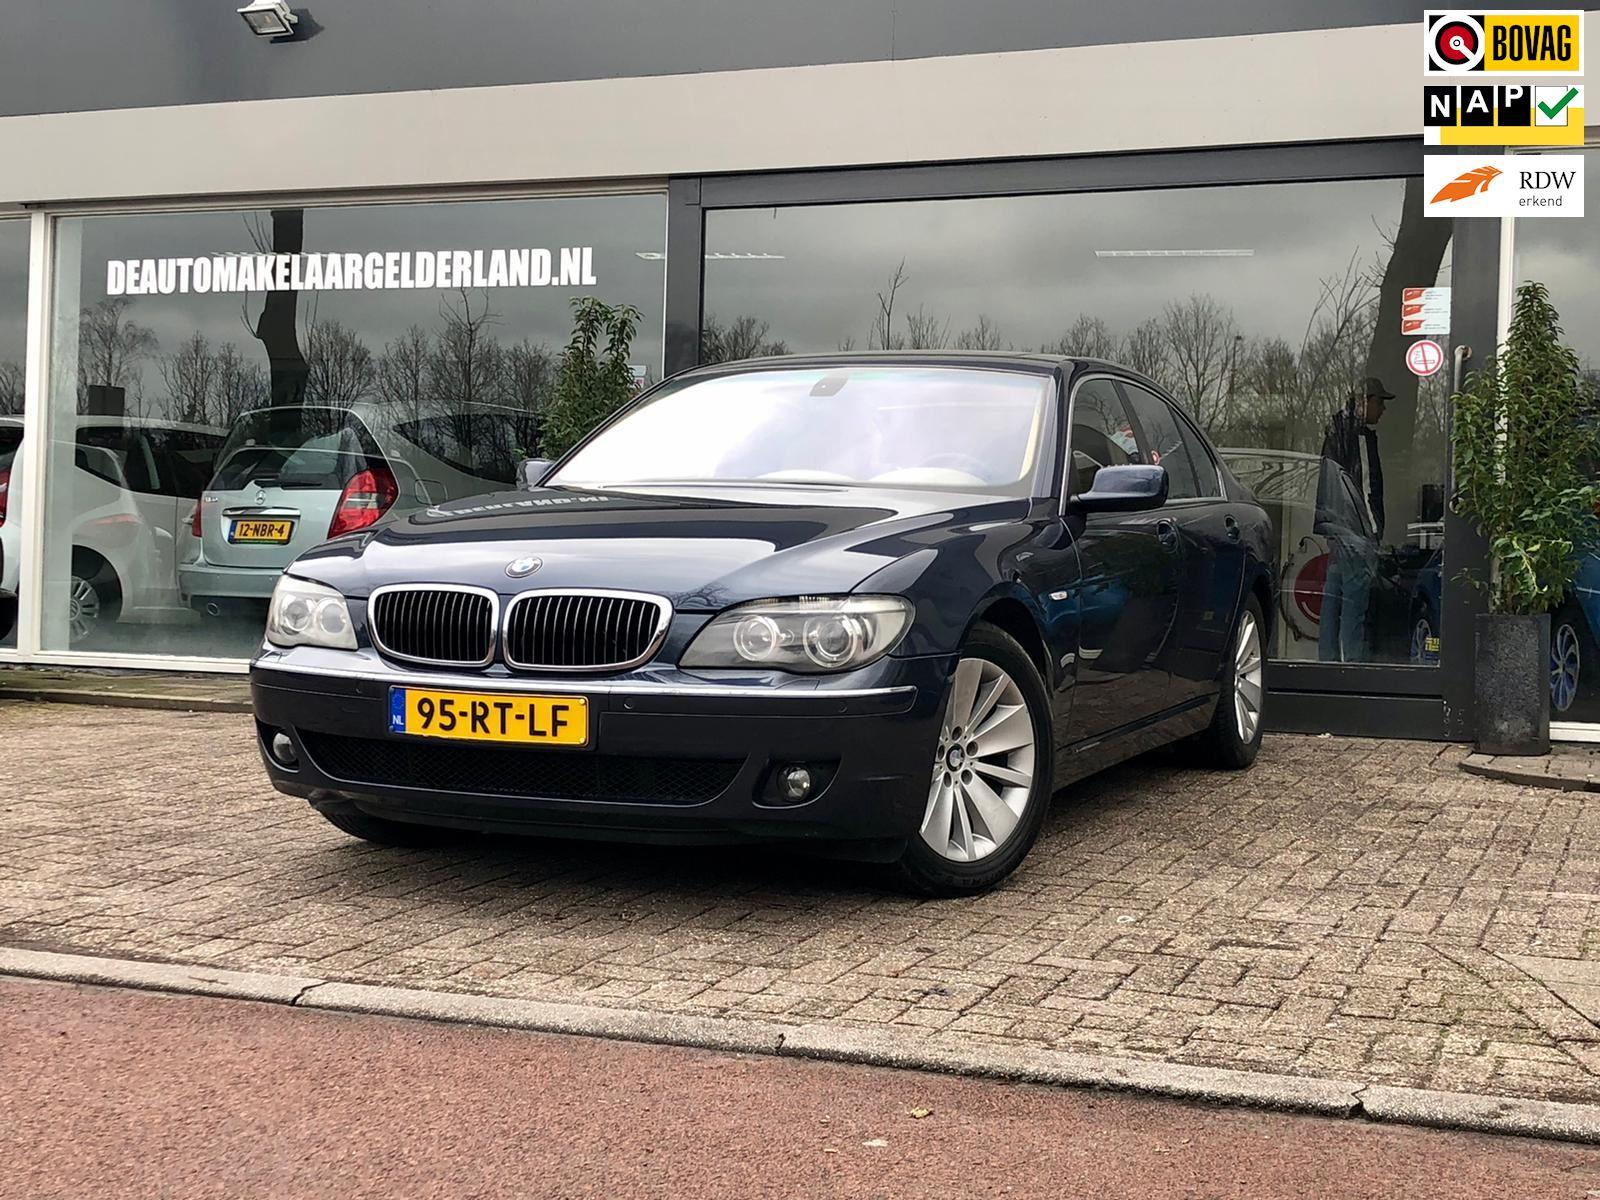 BMW 7-serie occasion - De Automakelaar Gelderland